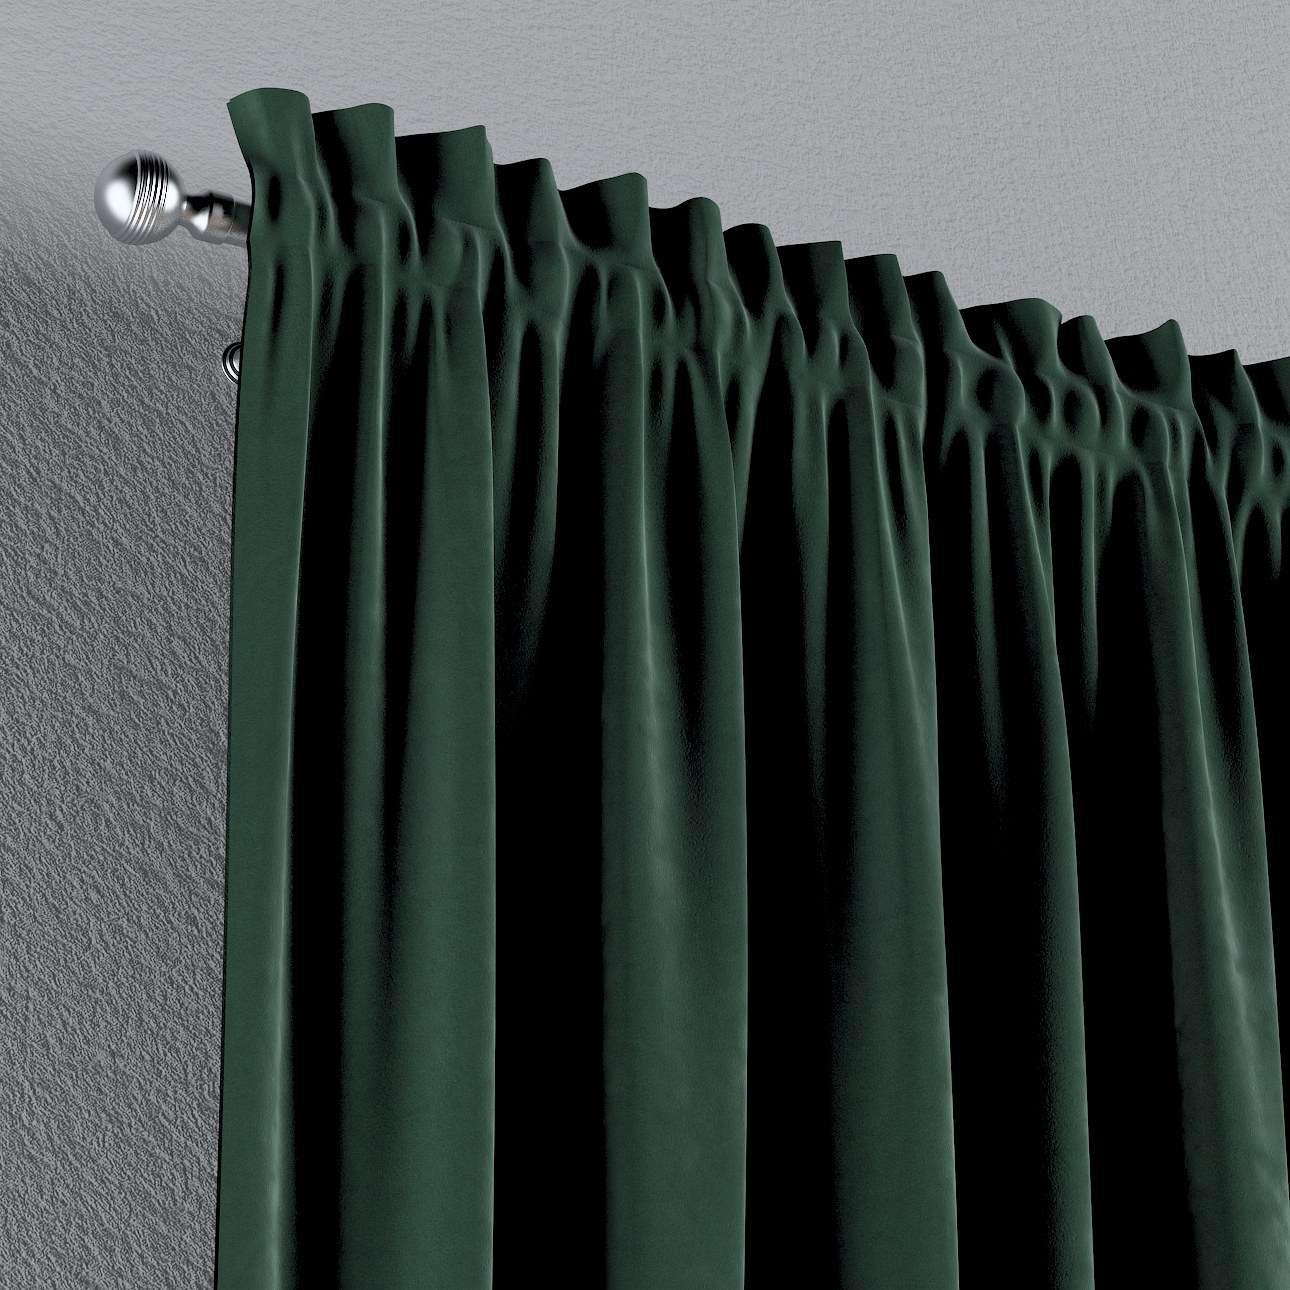 Gardin med løbegang - multibånd 1 stk. fra kollektionen Velvet, Stof: 704-25